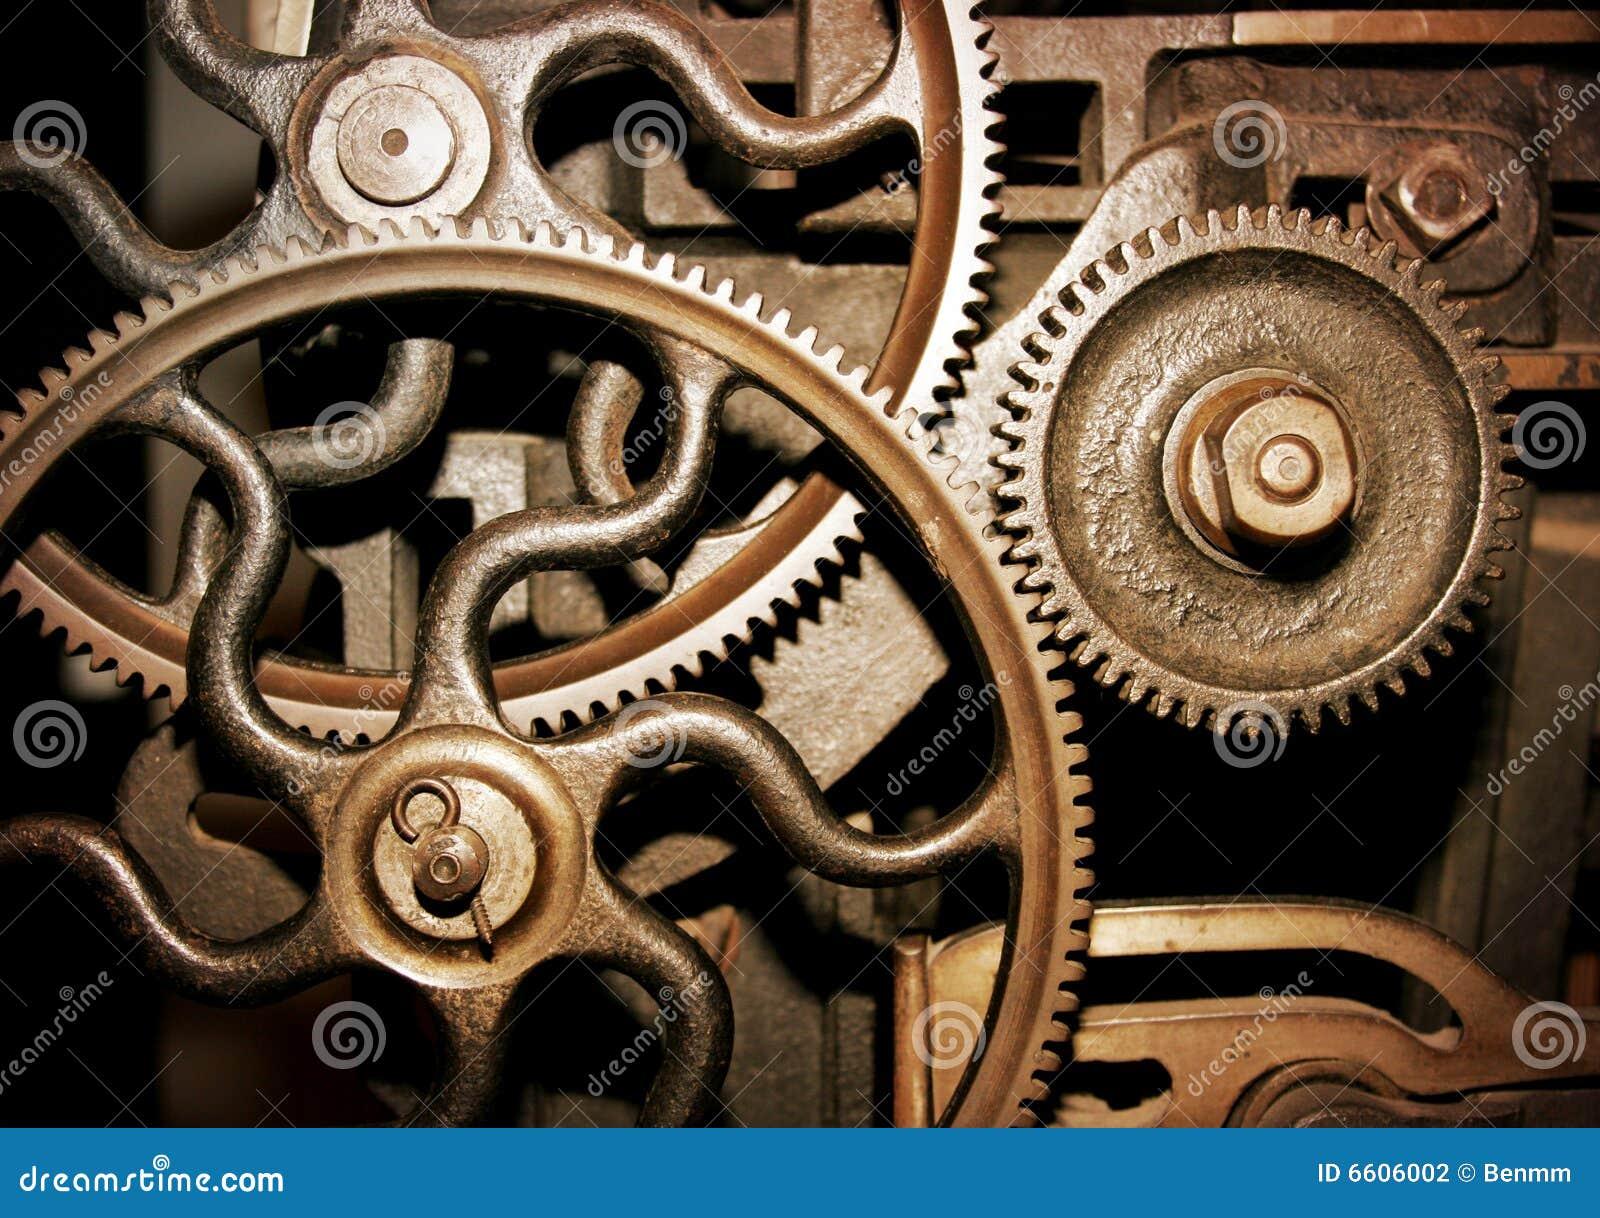 machine of